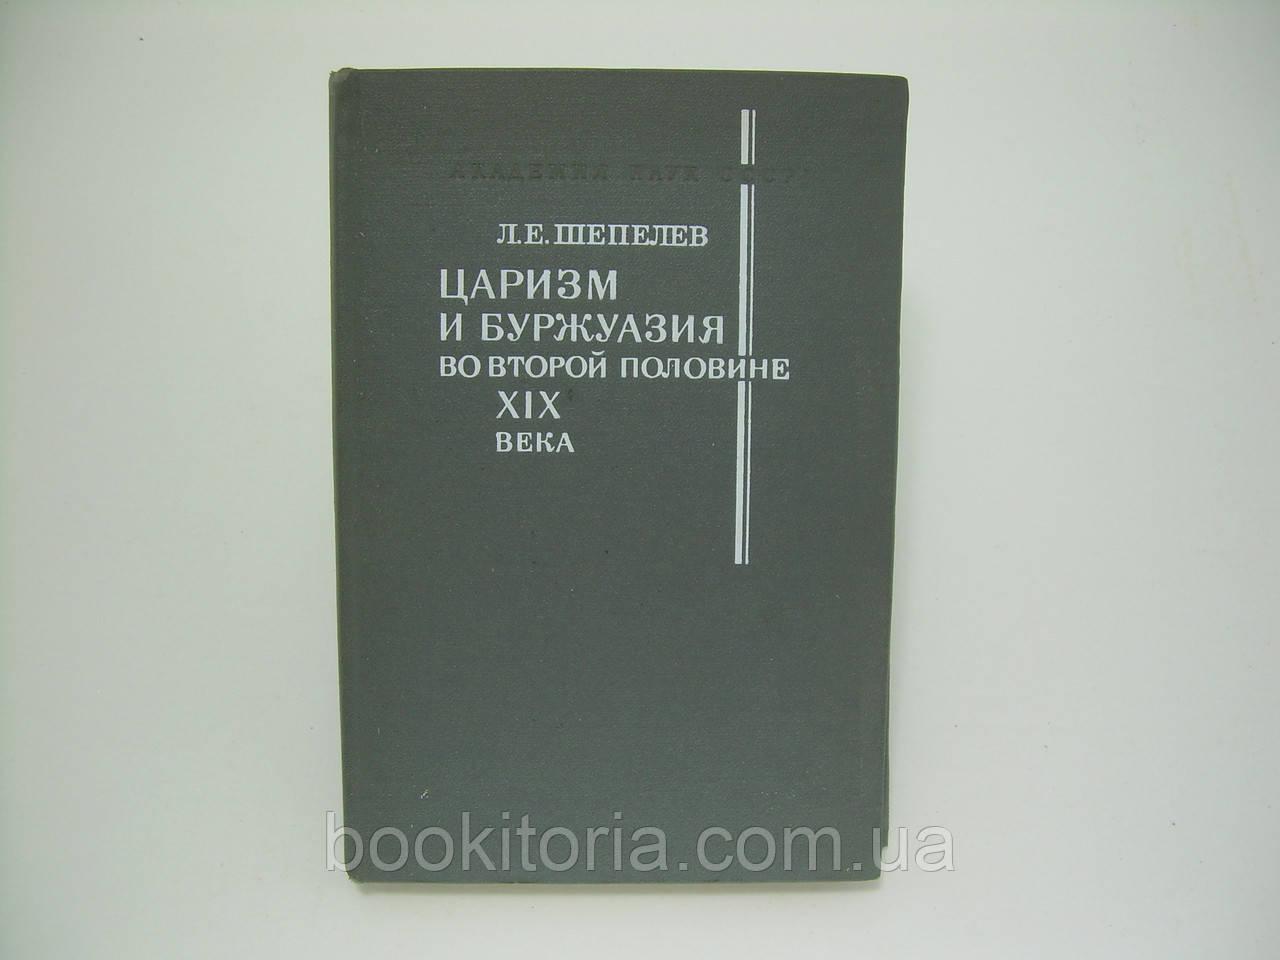 Шепелев Л.Е. Царизм и буржуазия во второй половине XIX века (б/у).